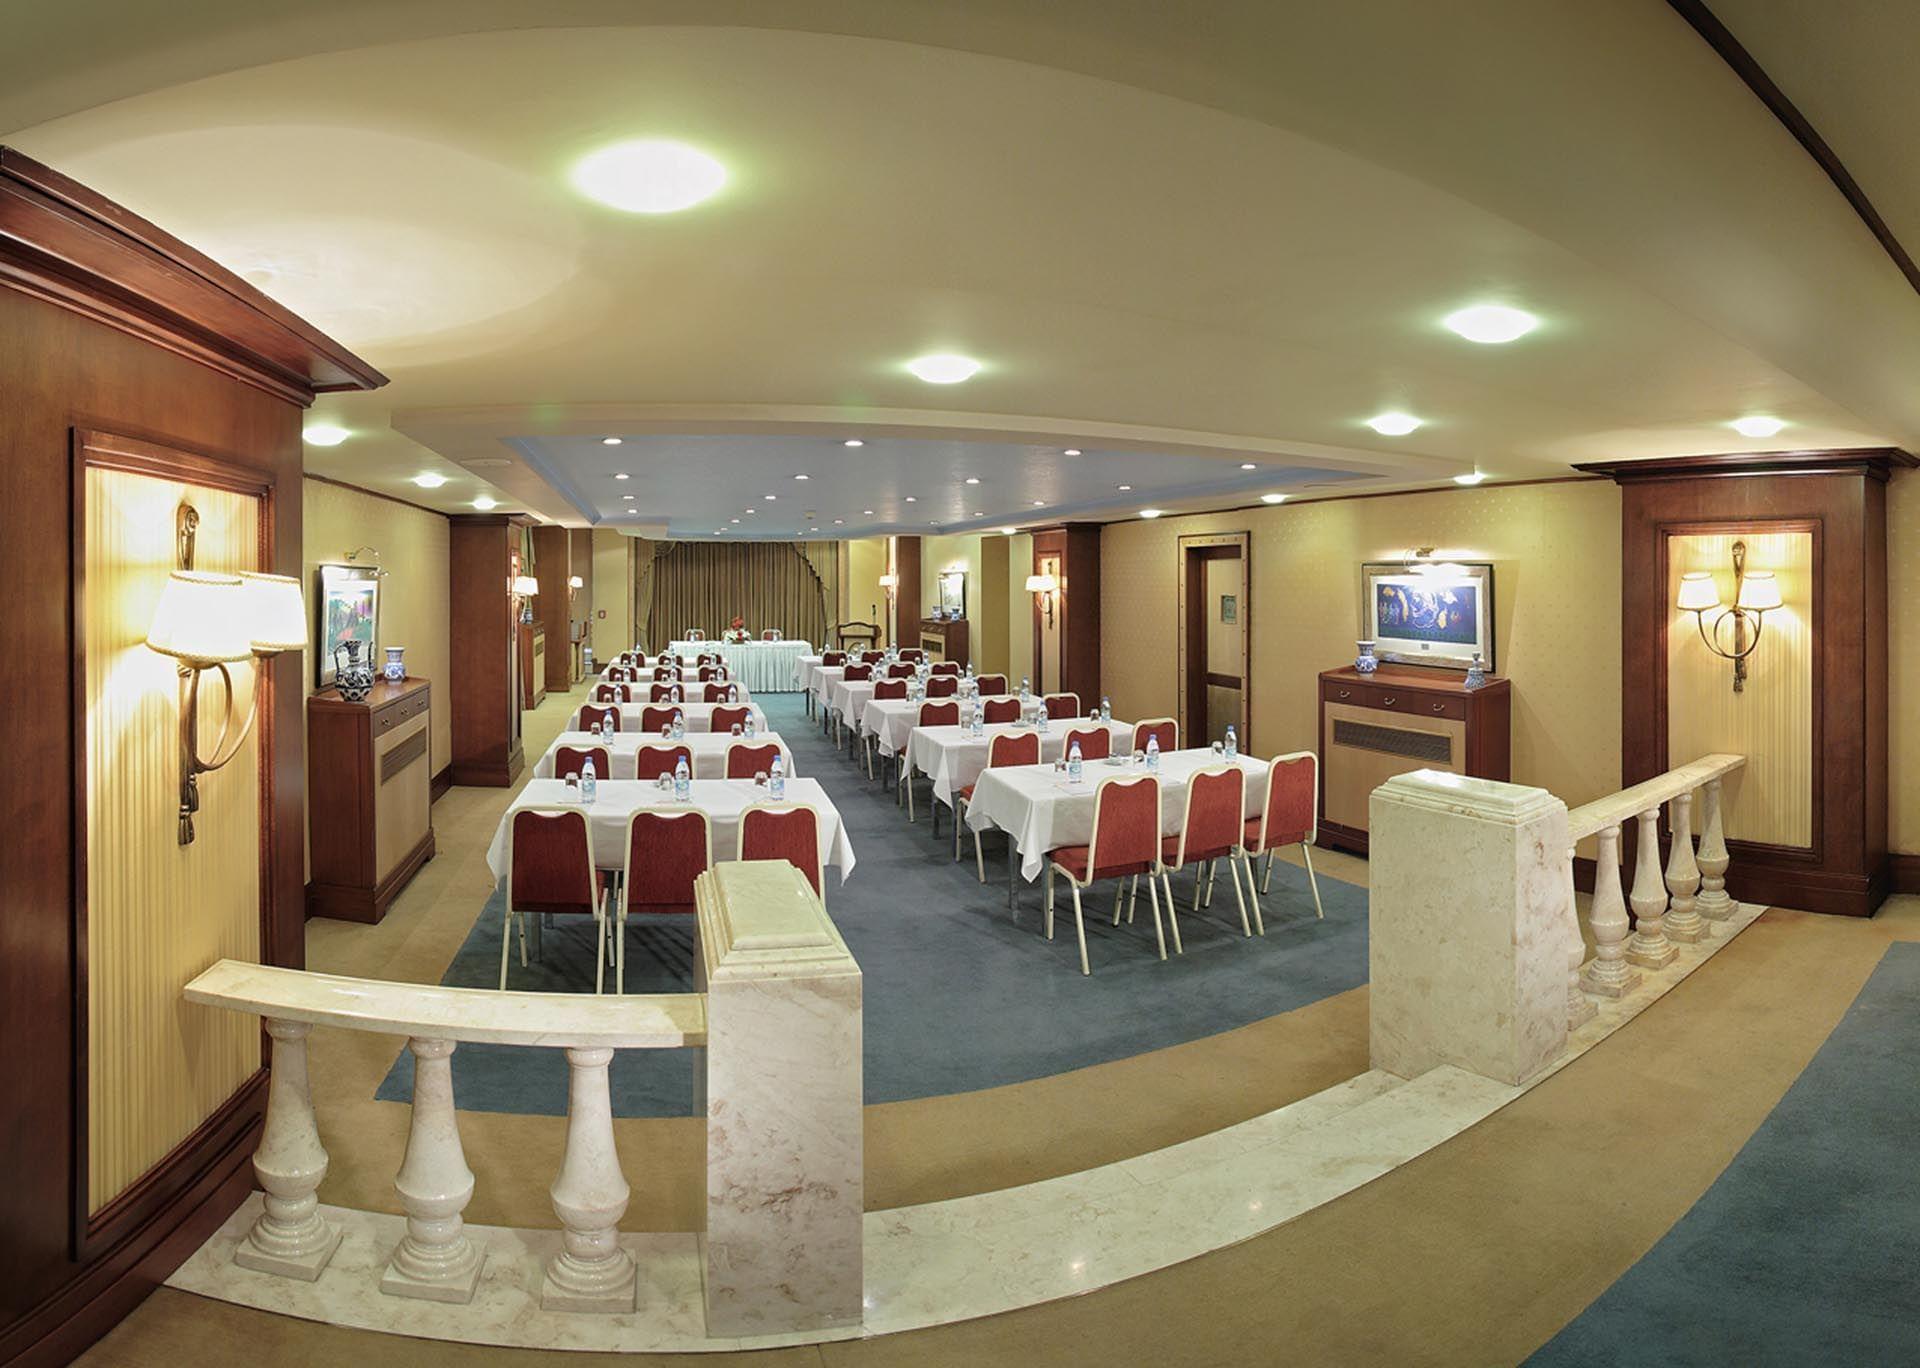 Bosphorus Meeting Room  Classroom  Style II Eresin hotels sultan